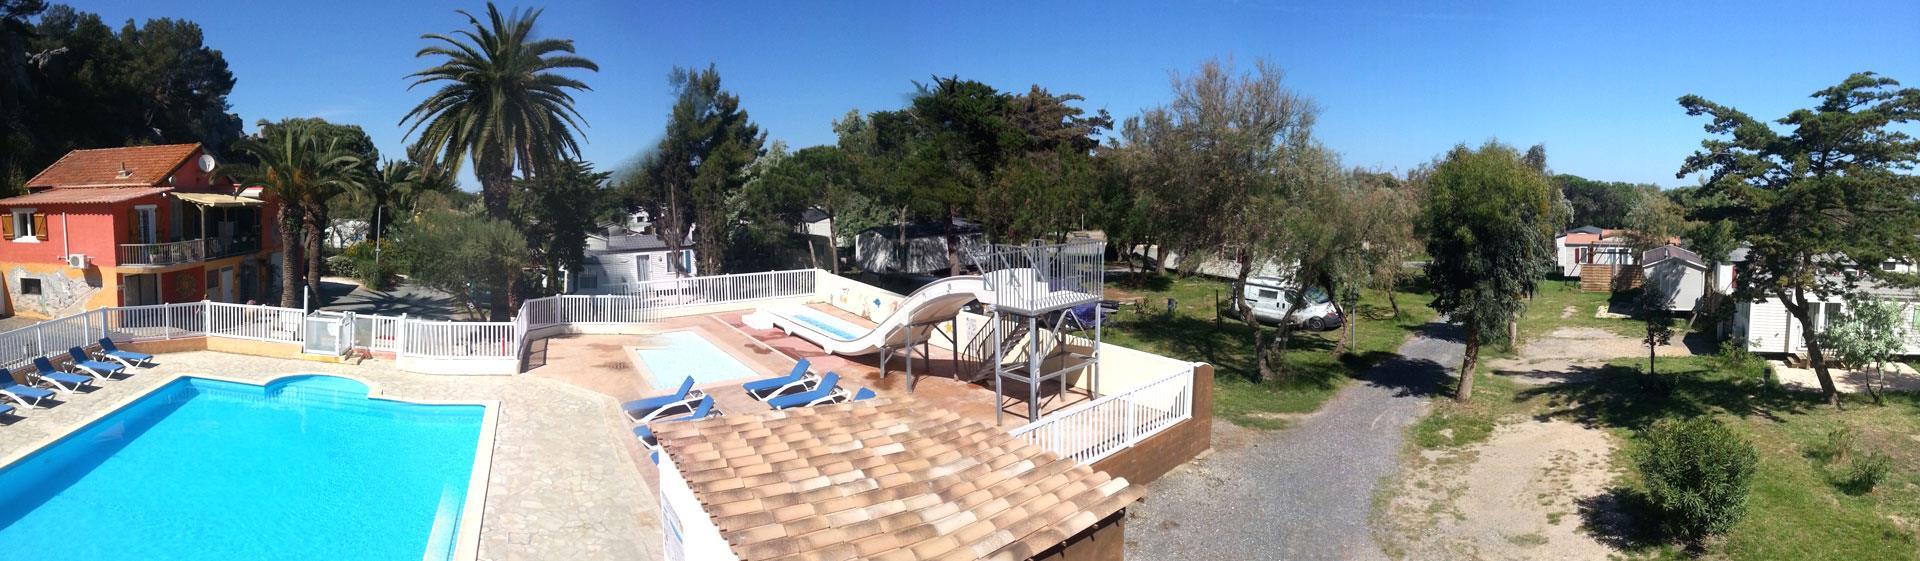 Les tarifs du camping le cap du roc port la nouvelle sigean et gruissan dans l 39 aude en occitanie - Camping de port la nouvelle ...